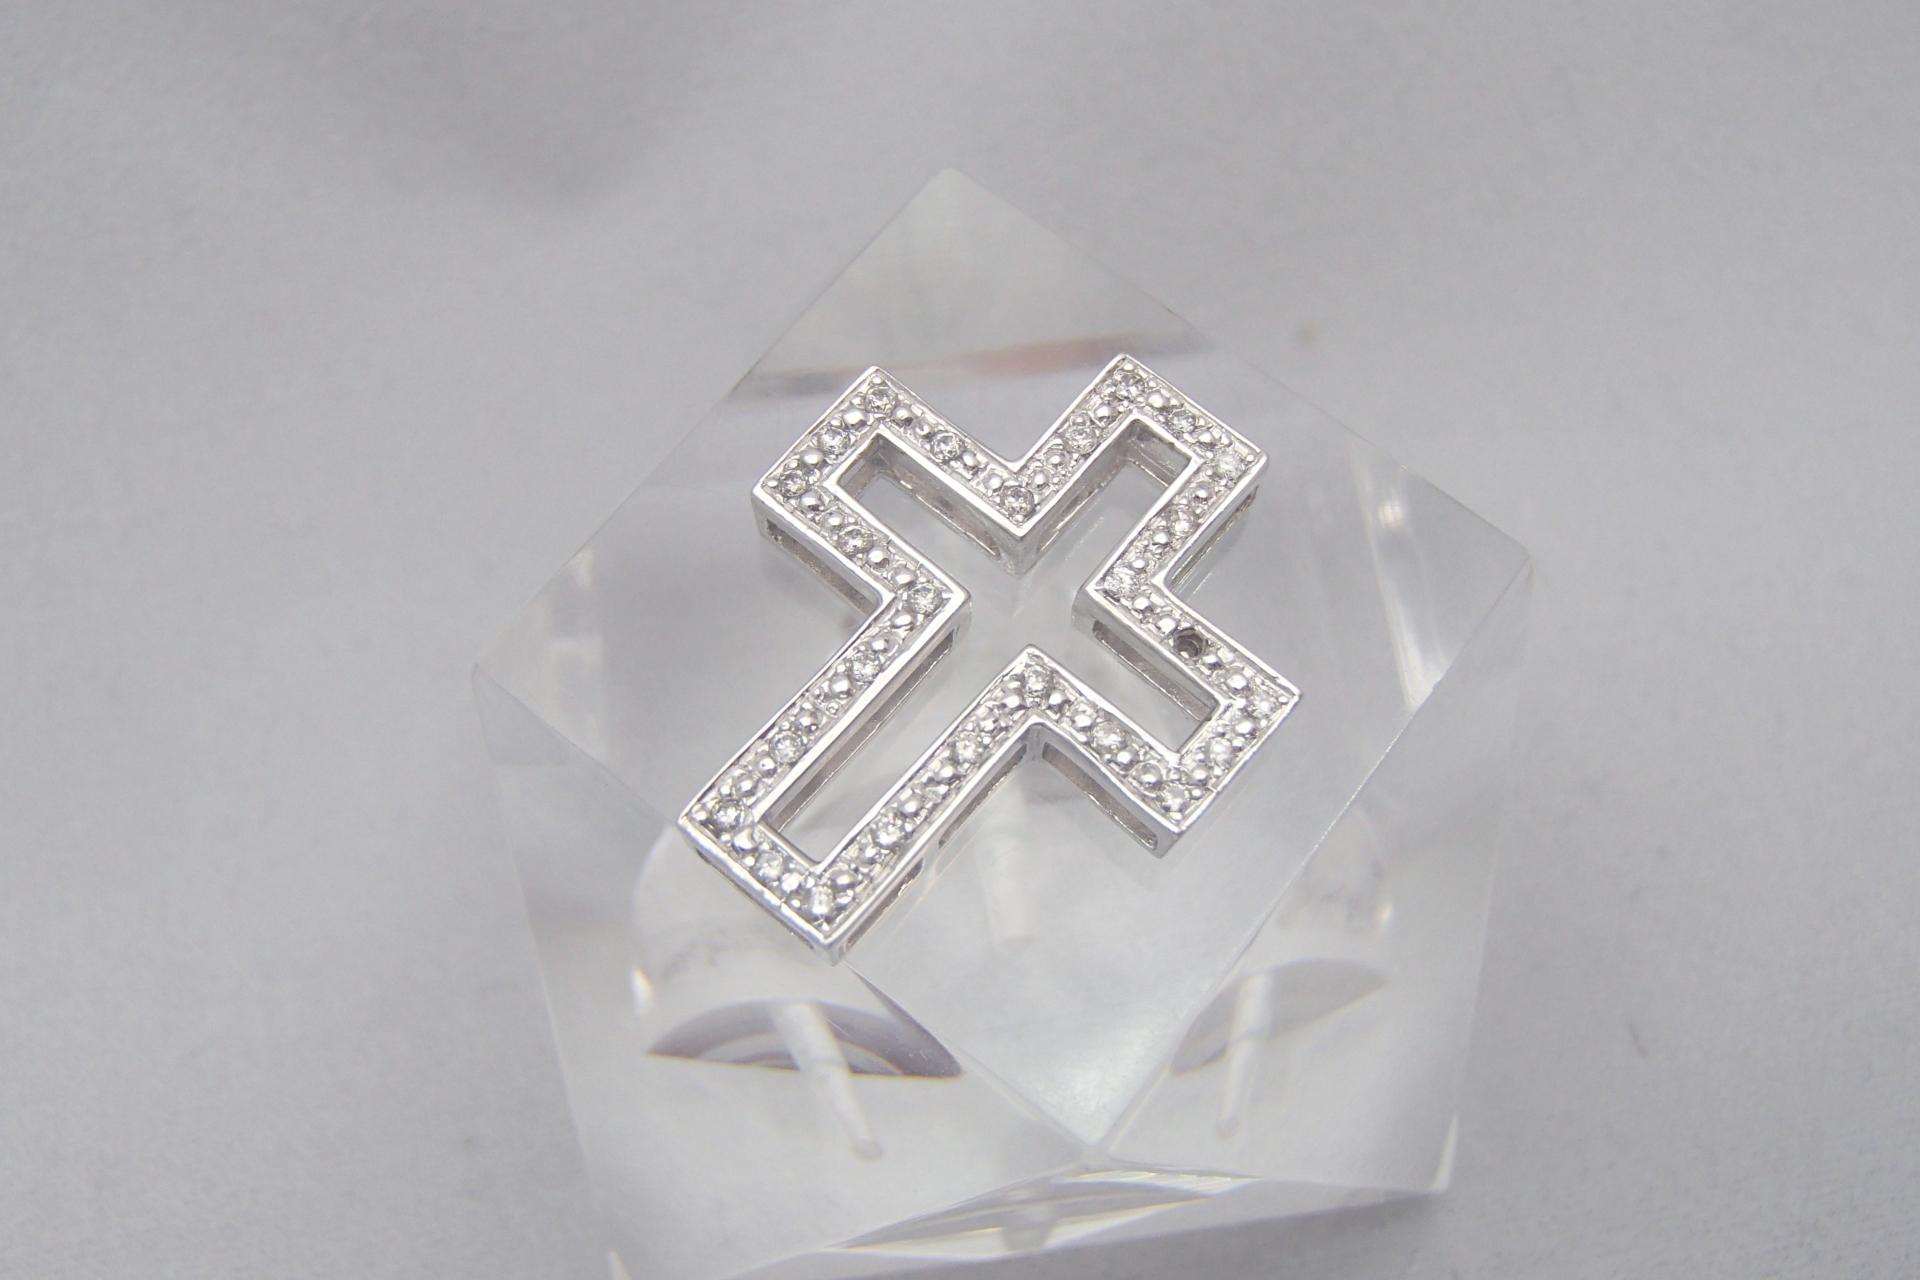 手入れ次第で輝きが変わる!ダイヤモンドの手入れ方法を徹底解説